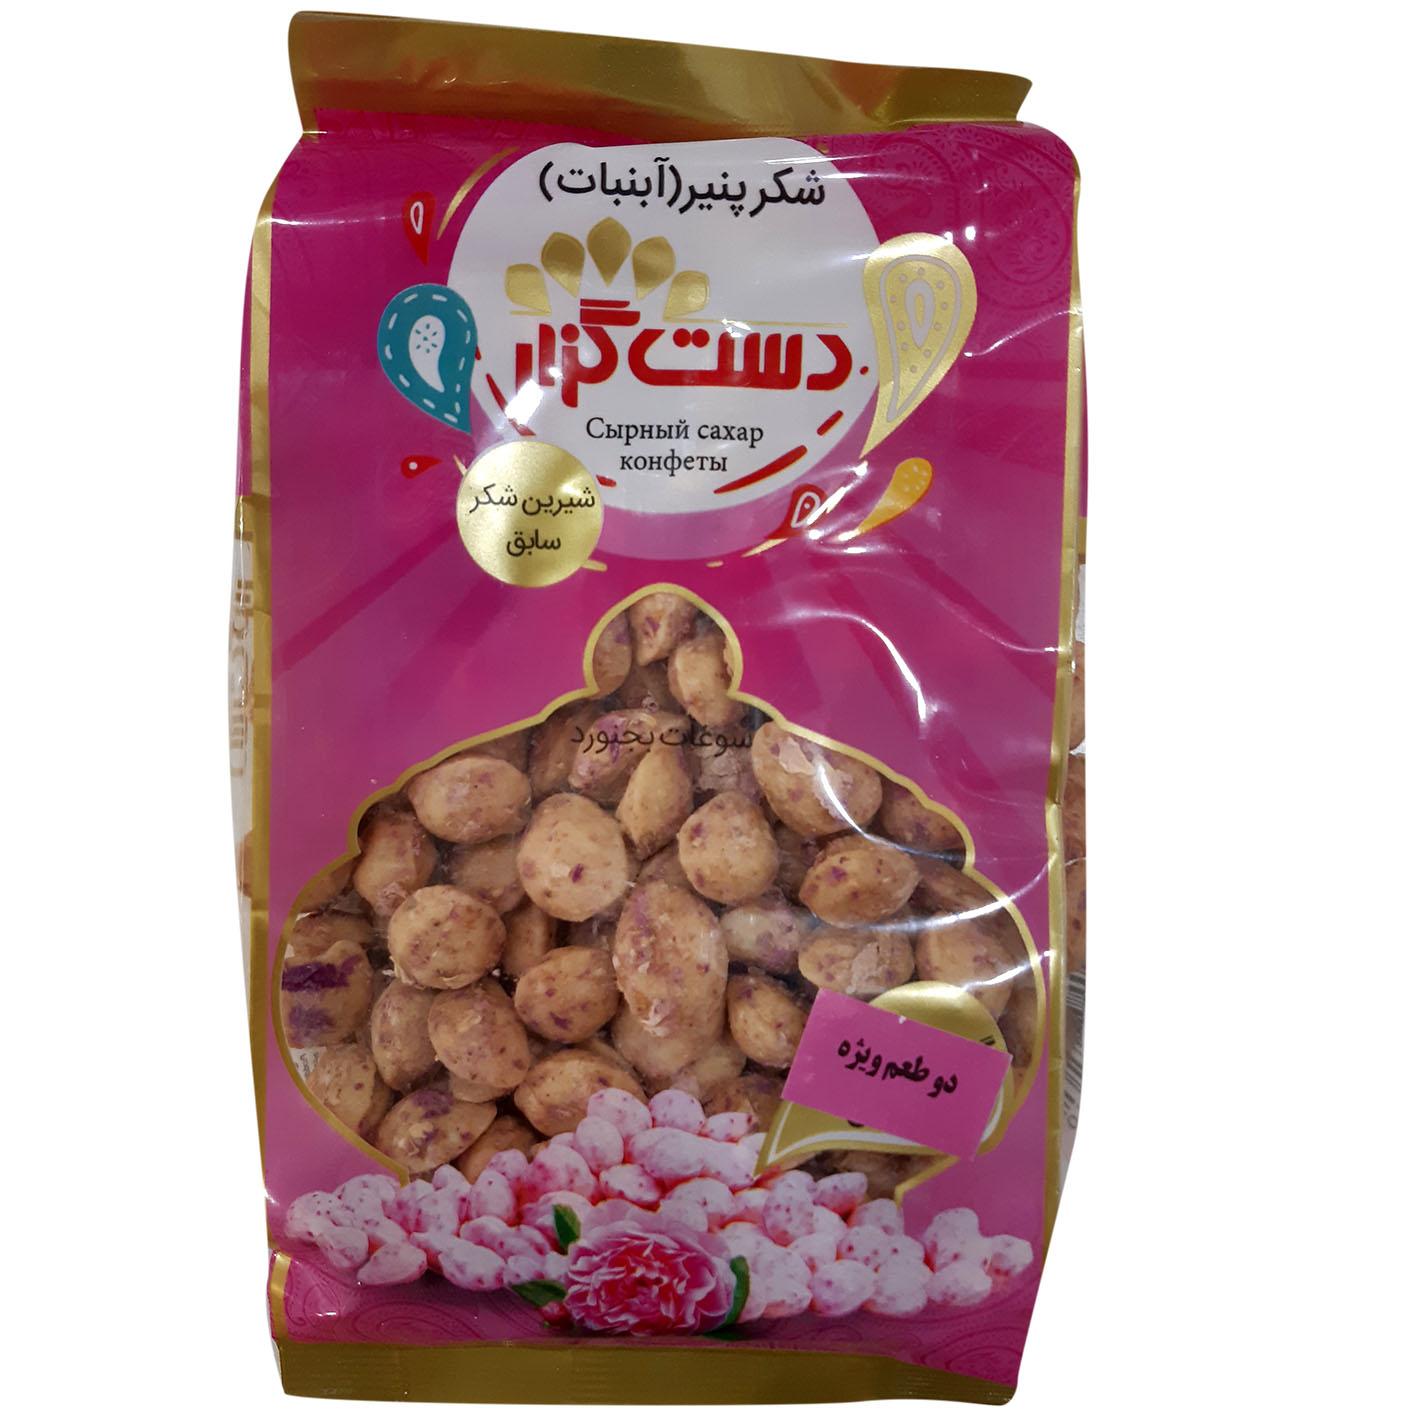 شکر پنیر دو طعم گل محمدی و زعفران دست گزار-400 گرم